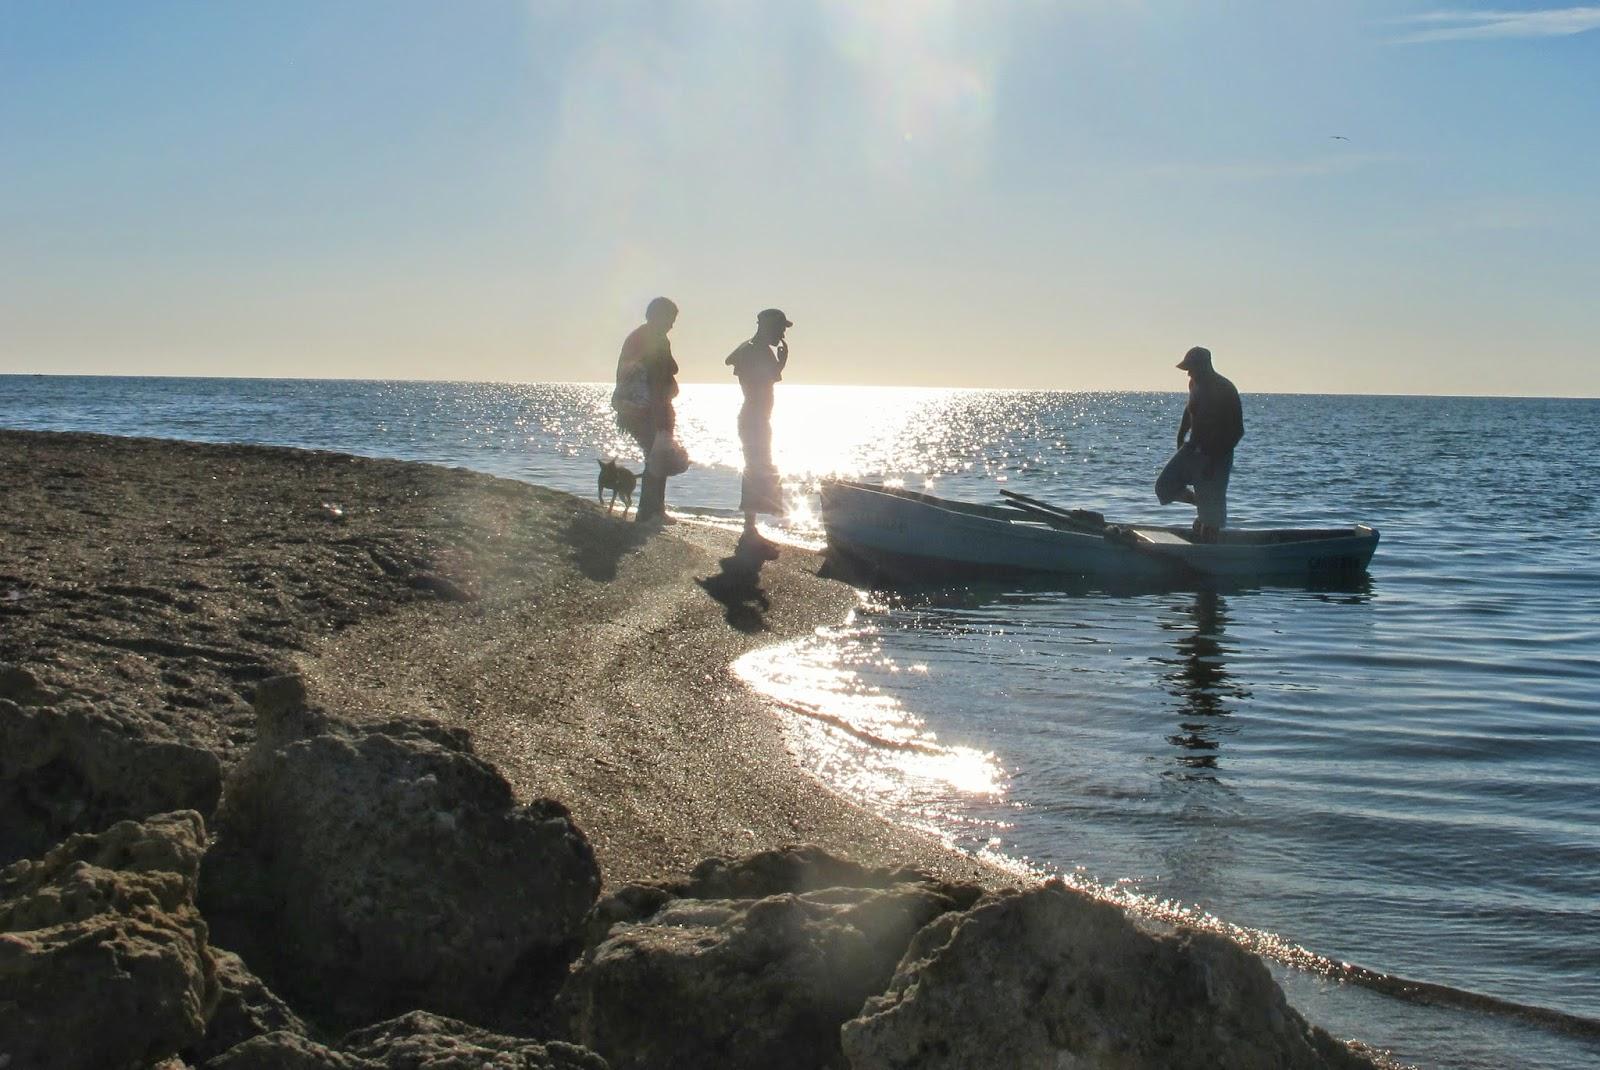 Nativos atravessando o Rio Guaurabo, no Mar do Caribe de Cuba, na Península Áncon.